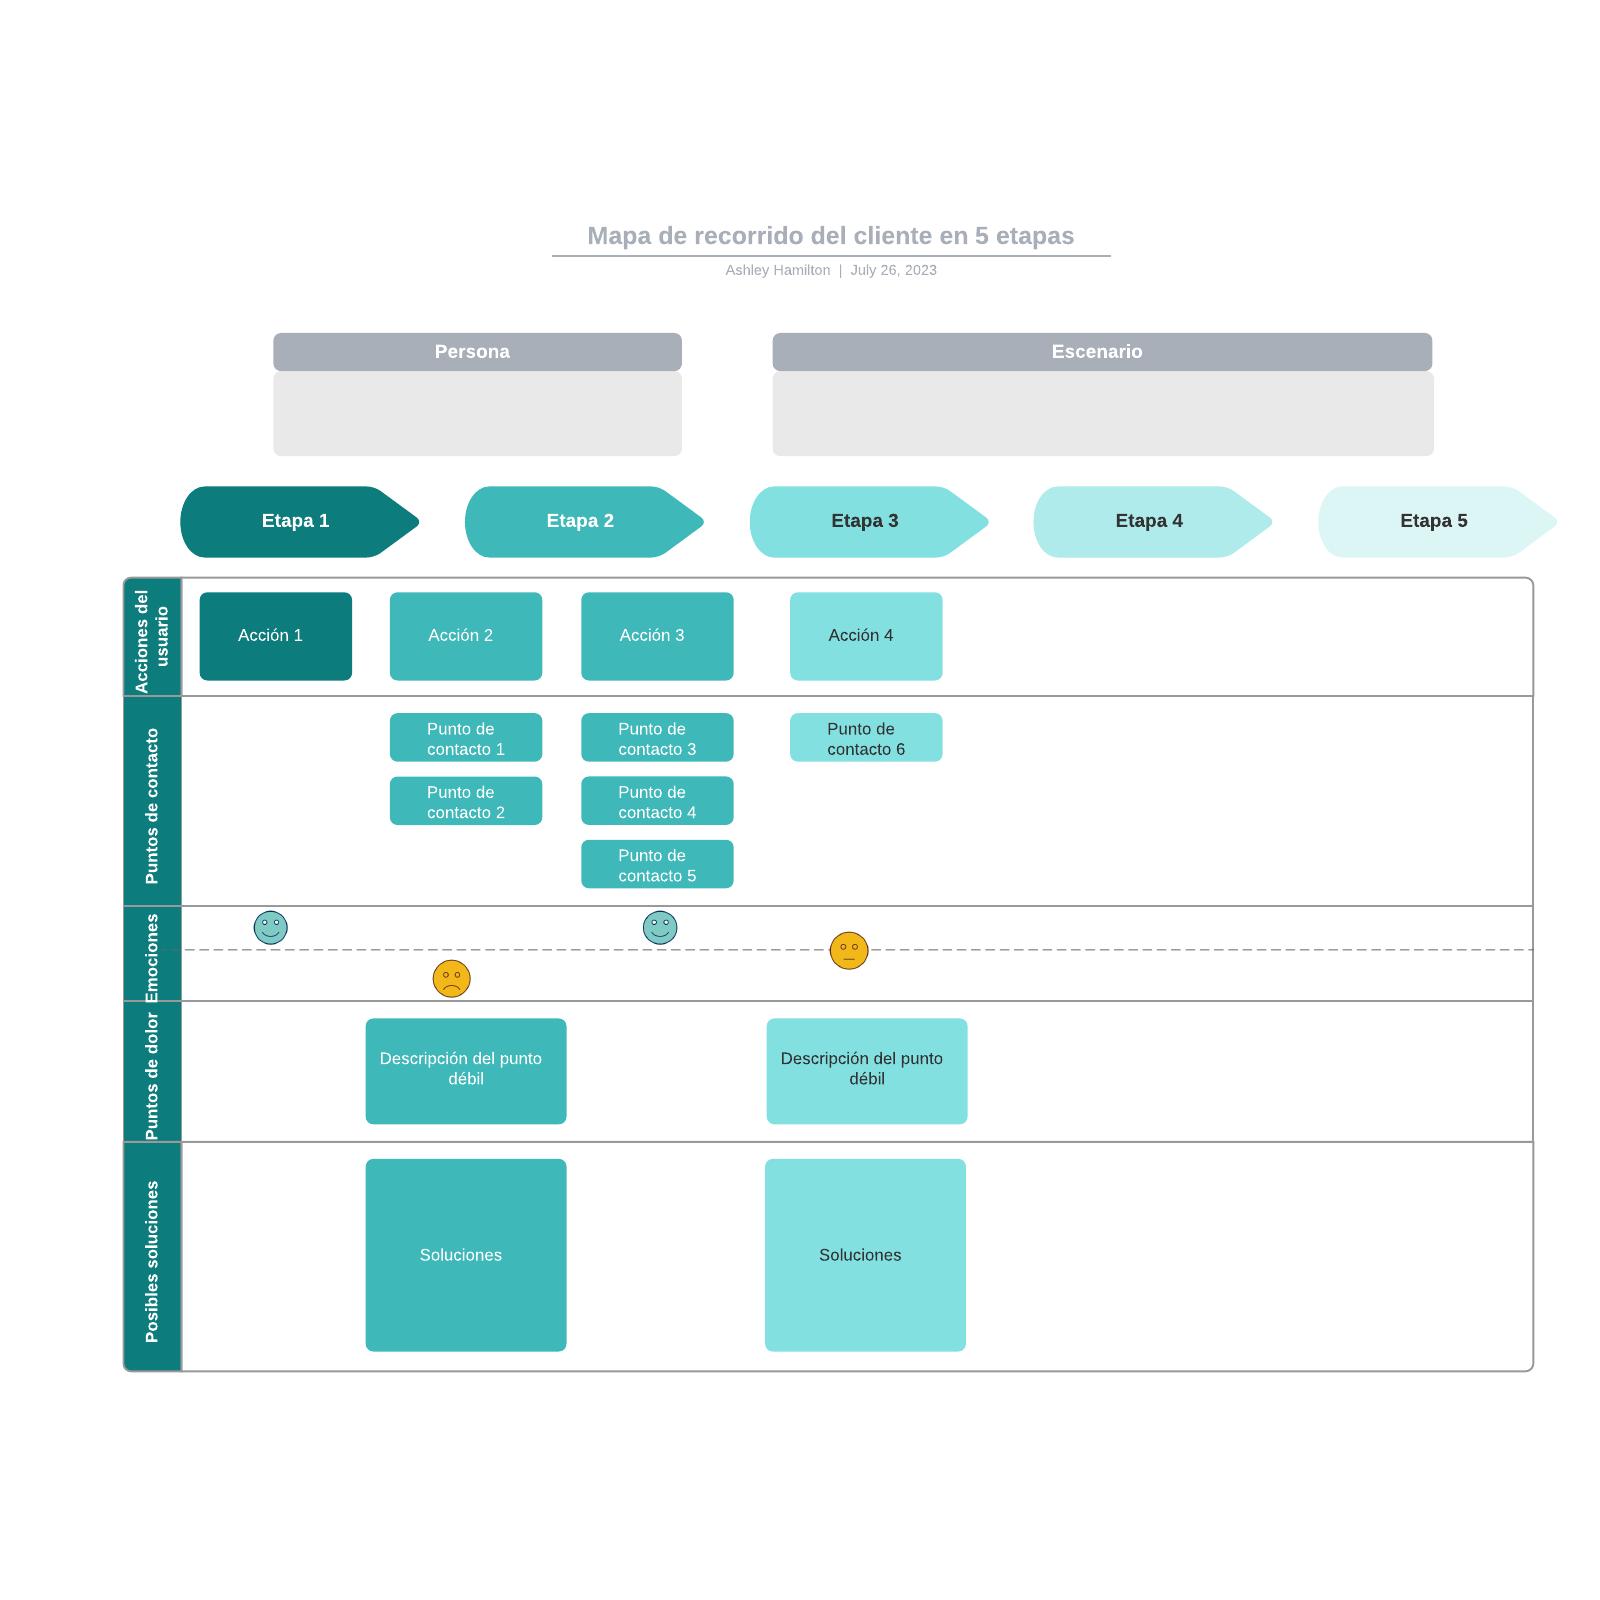 Mapa de recorrido del cliente en 5 etapas